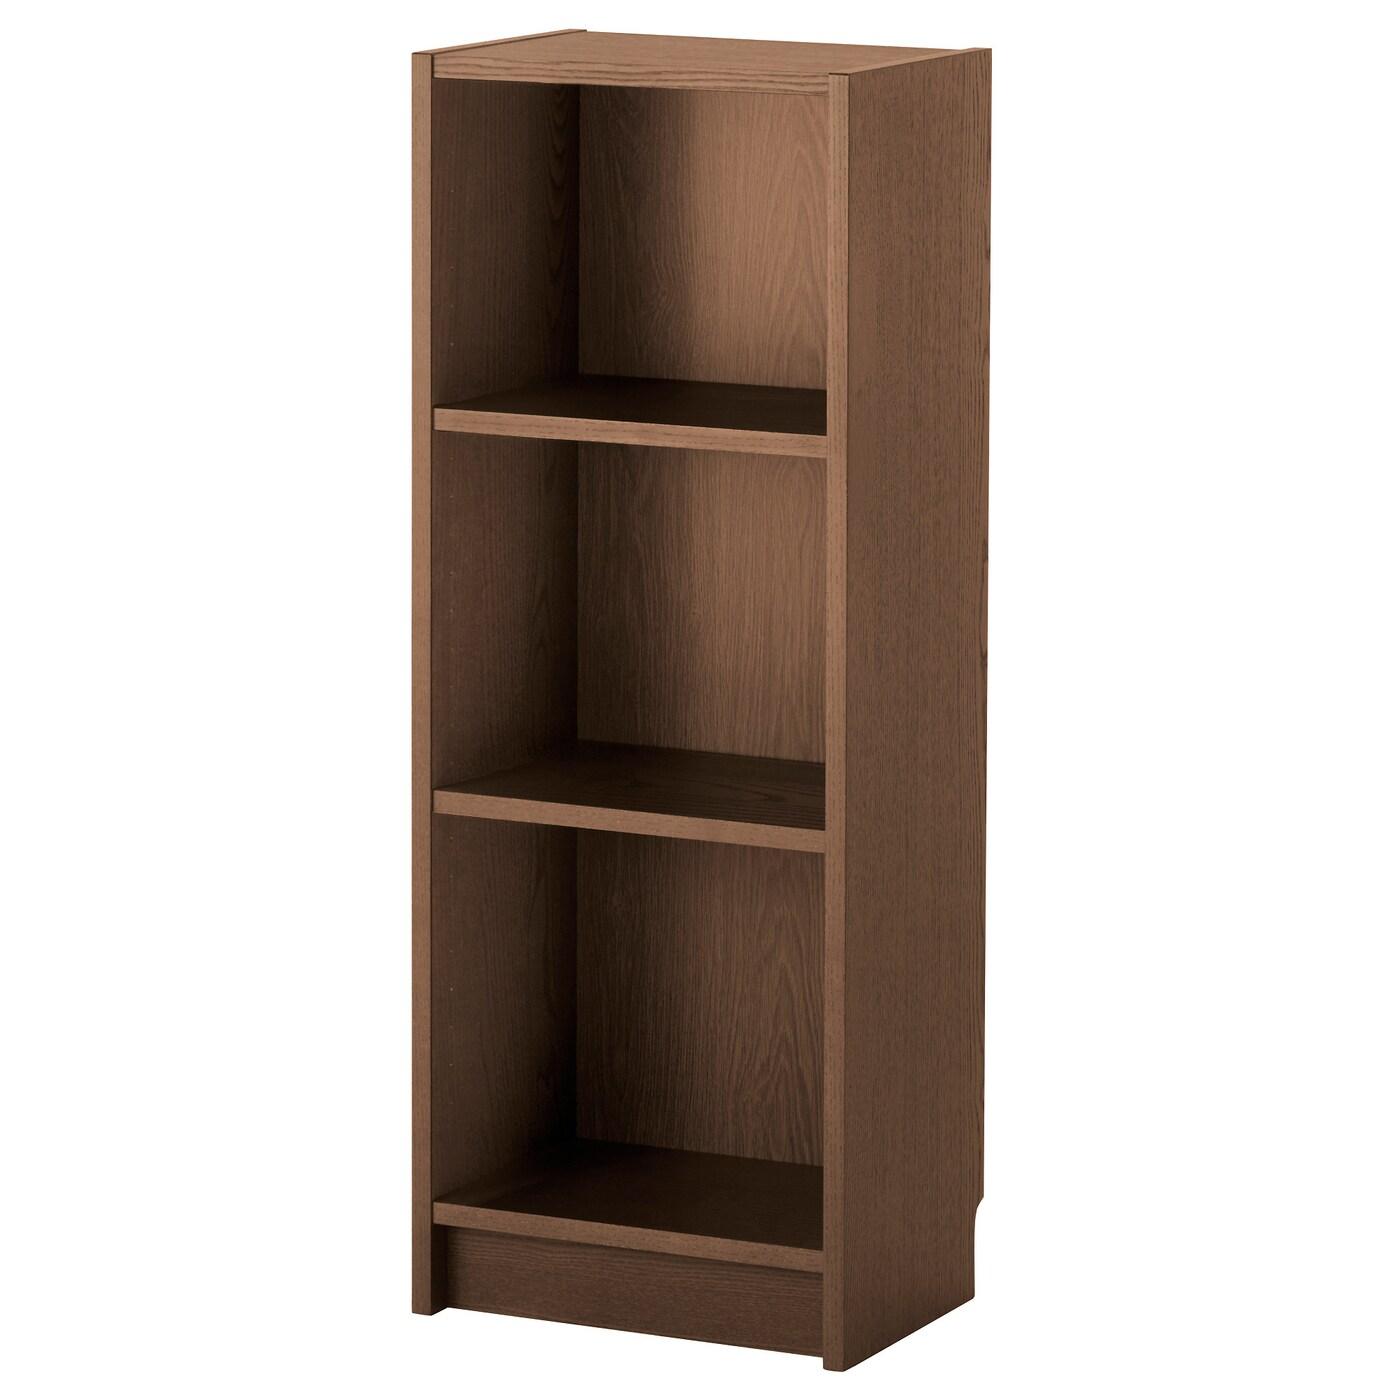 IKEA BILLY brązowy regał z półkami w jesionowej okleinie, 40x28x106 cm